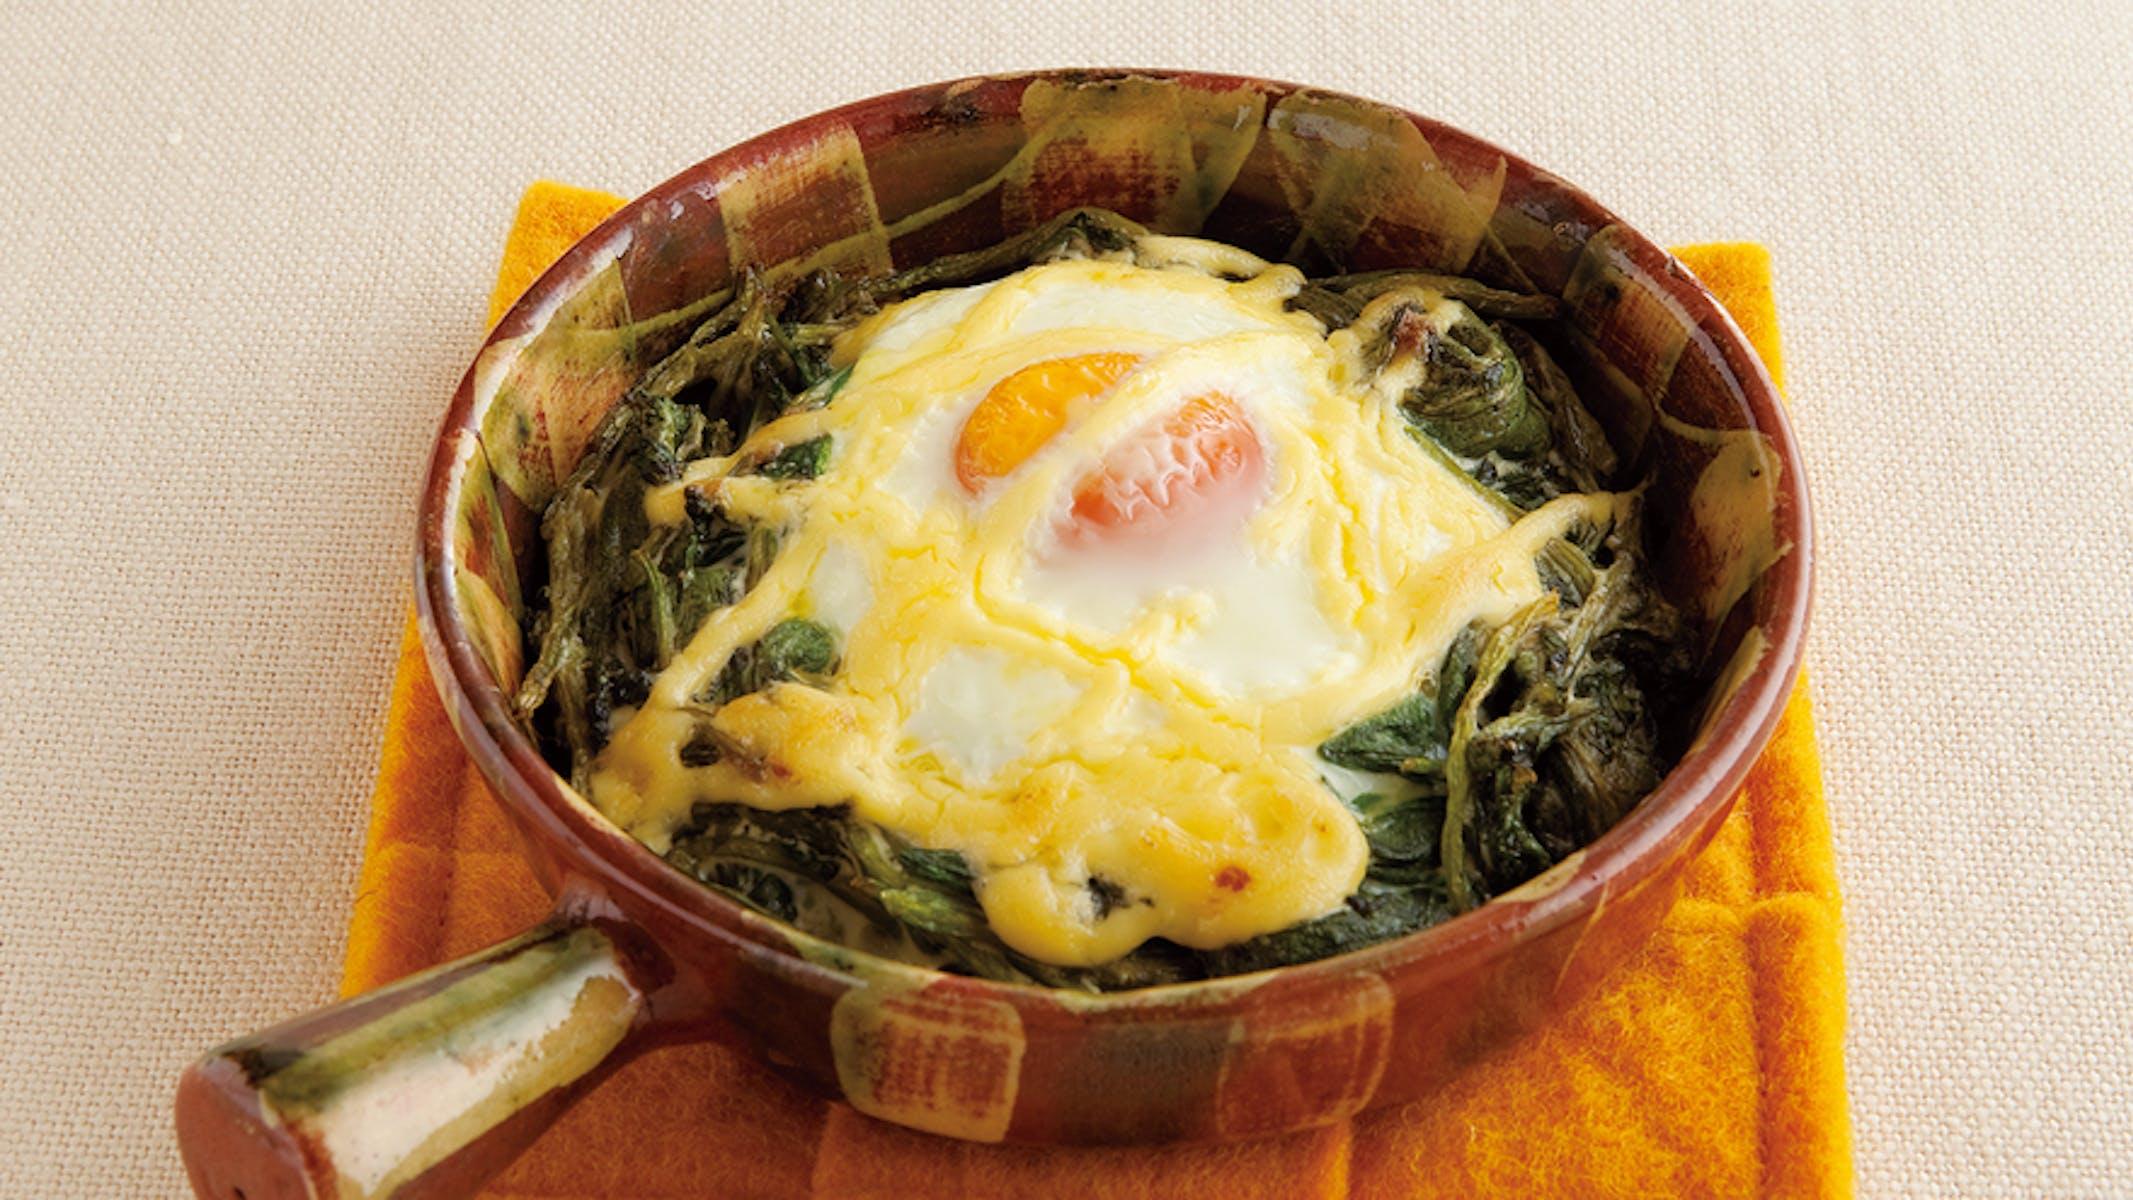 ほうれんそうと卵のマヨネーズ焼き